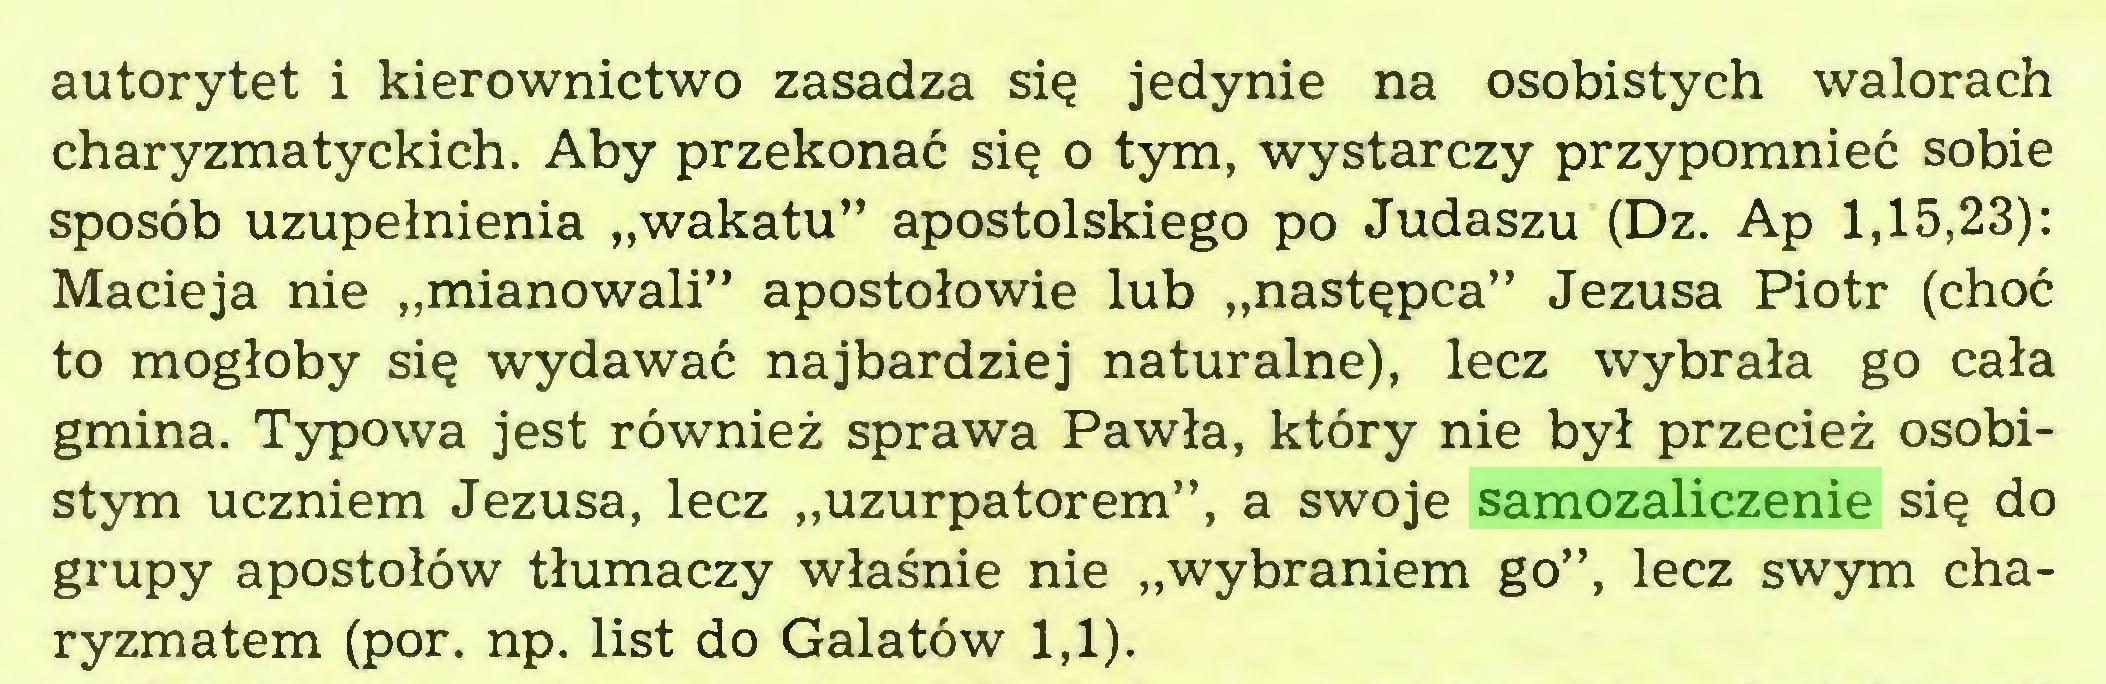 """(...) autorytet i kierownictwo zasadza się jedynie na osobistych walorach charyzmatyckich. Aby przekonać się o tym, wystarczy przypomnieć sobie sposób uzupełnienia """"wakatu"""" apostolskiego po Judaszu (Dz. Ap 1,15,23): Macieja nie """"mianowali"""" apostołowie lub """"następca"""" Jezusa Piotr (choć to mogłoby się wydawać najbardziej naturalne), lecz wybrała go cała gmina. Typowa jest również sprawa Pawła, który nie był przecież osobistym uczniem Jezusa, lecz """"uzurpatorem"""", a swoje samozaliczenie się do grupy apostołów tłumaczy właśnie nie """"wybraniem go"""", lecz swym charyzmatem (por. np. list do Galatów 1,1)..."""